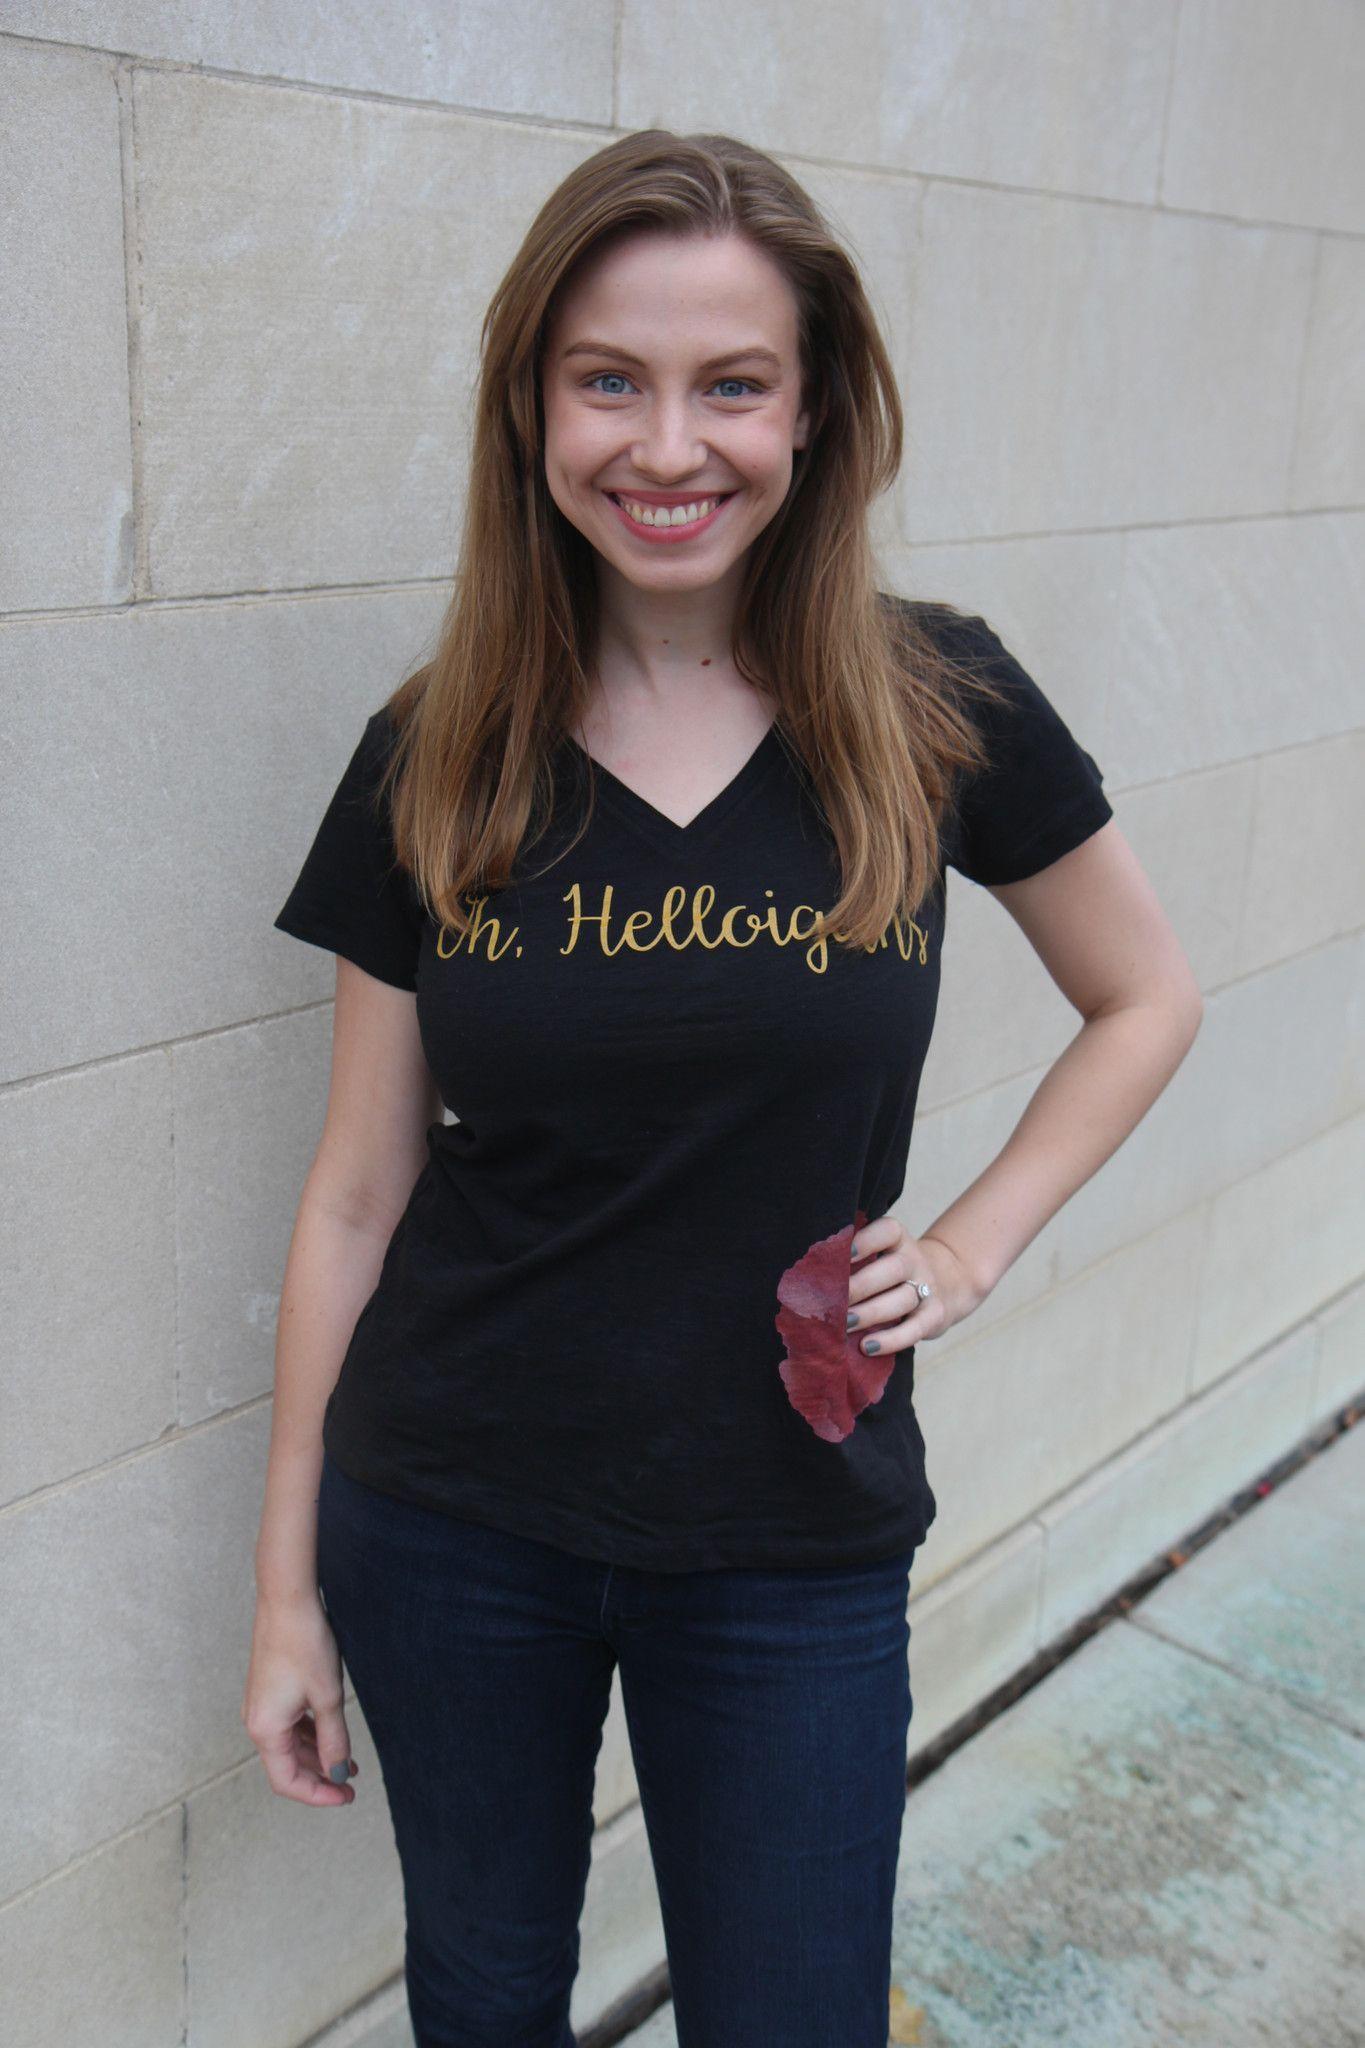 Helloigans T-Shirt